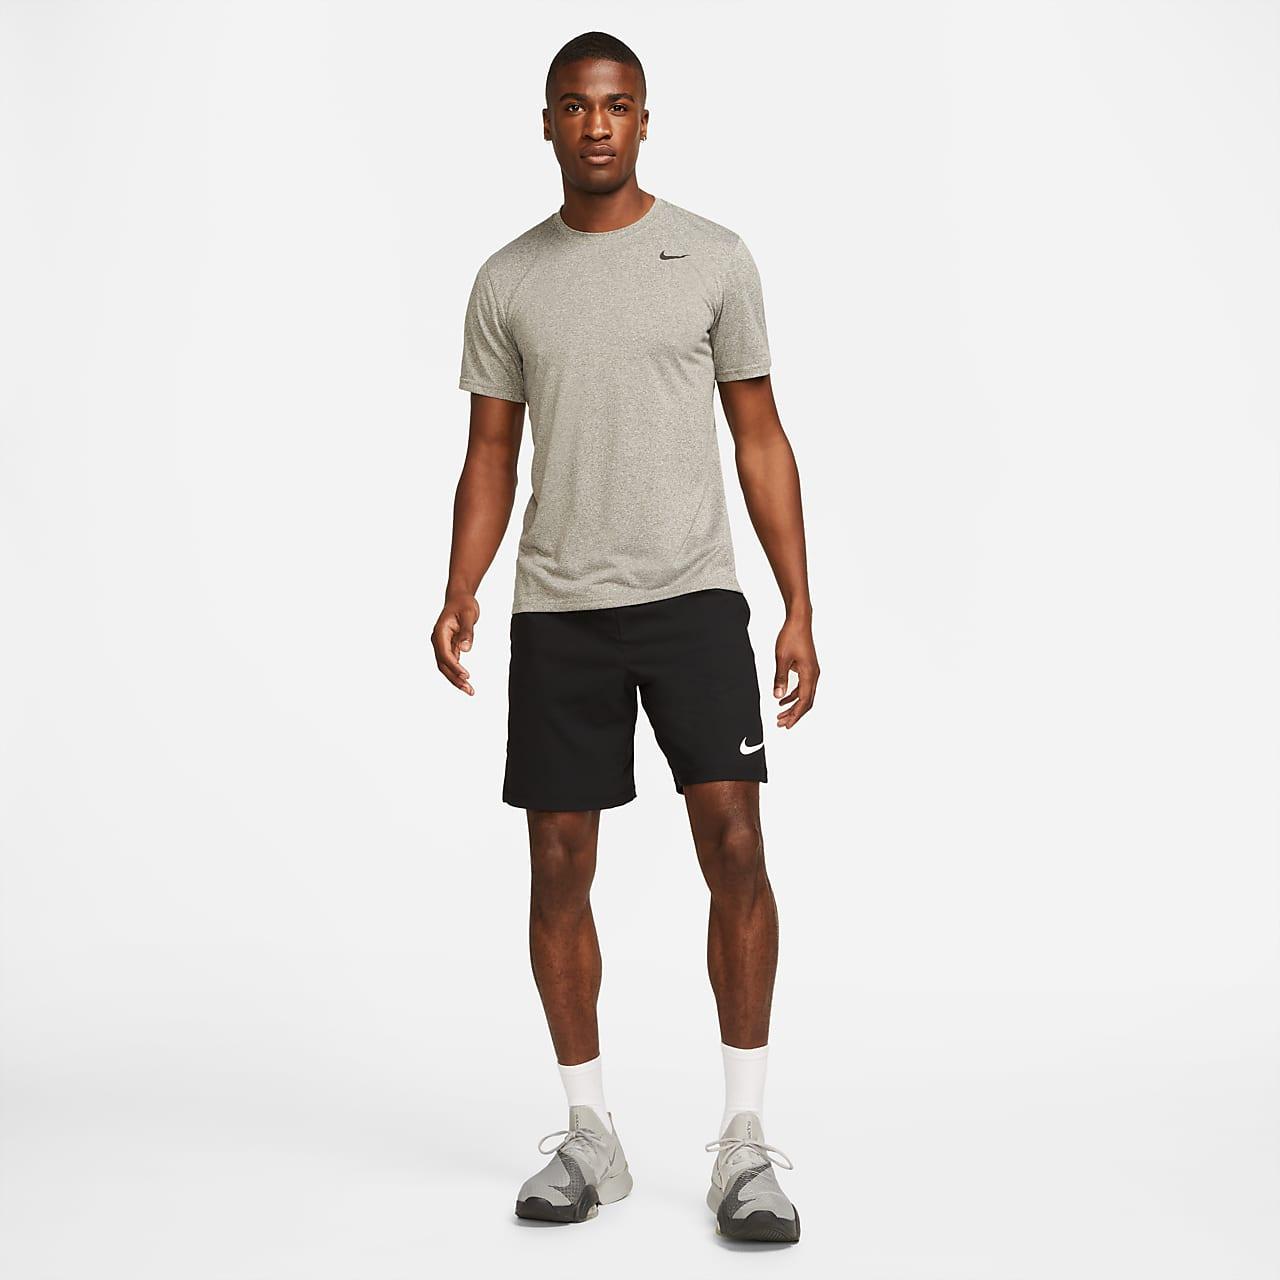 c3d7b86182e4 Nike Legend 2.0 Men s Training T-Shirt. Nike.com